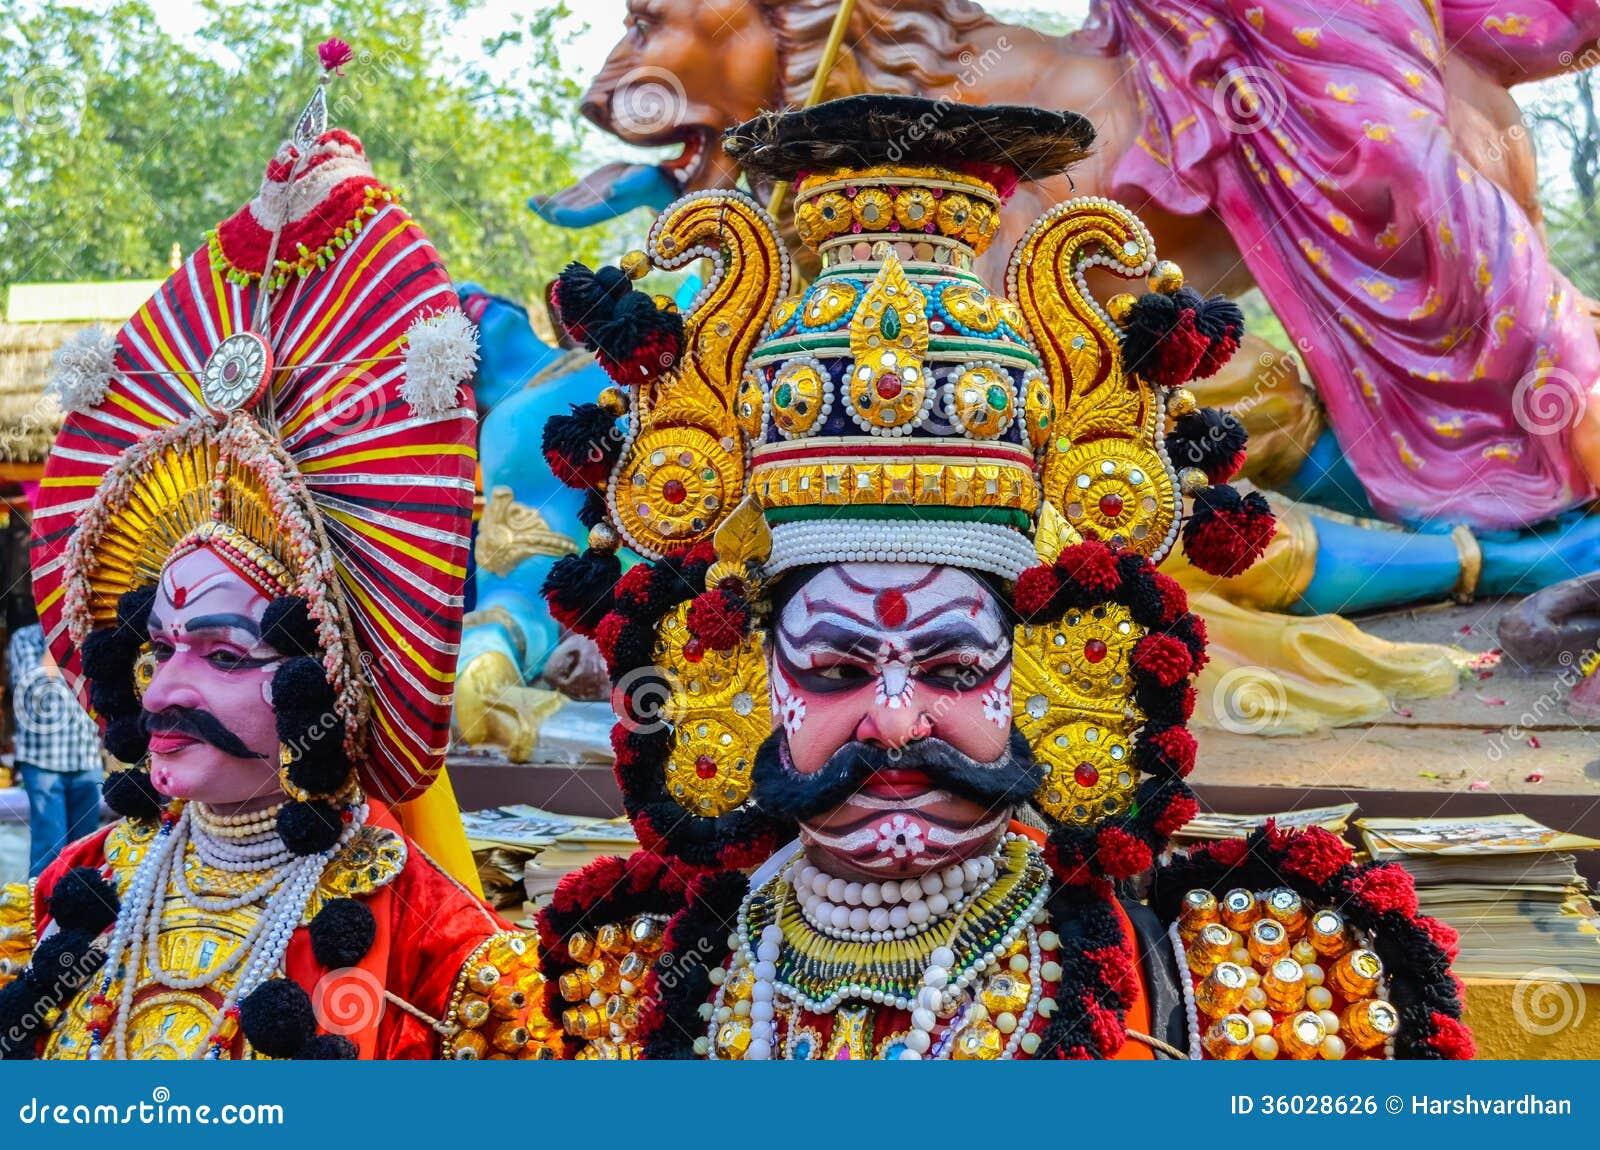 Παραδοσιακός καλλιτέχνης την ώρα της παράστασης Yakshagana